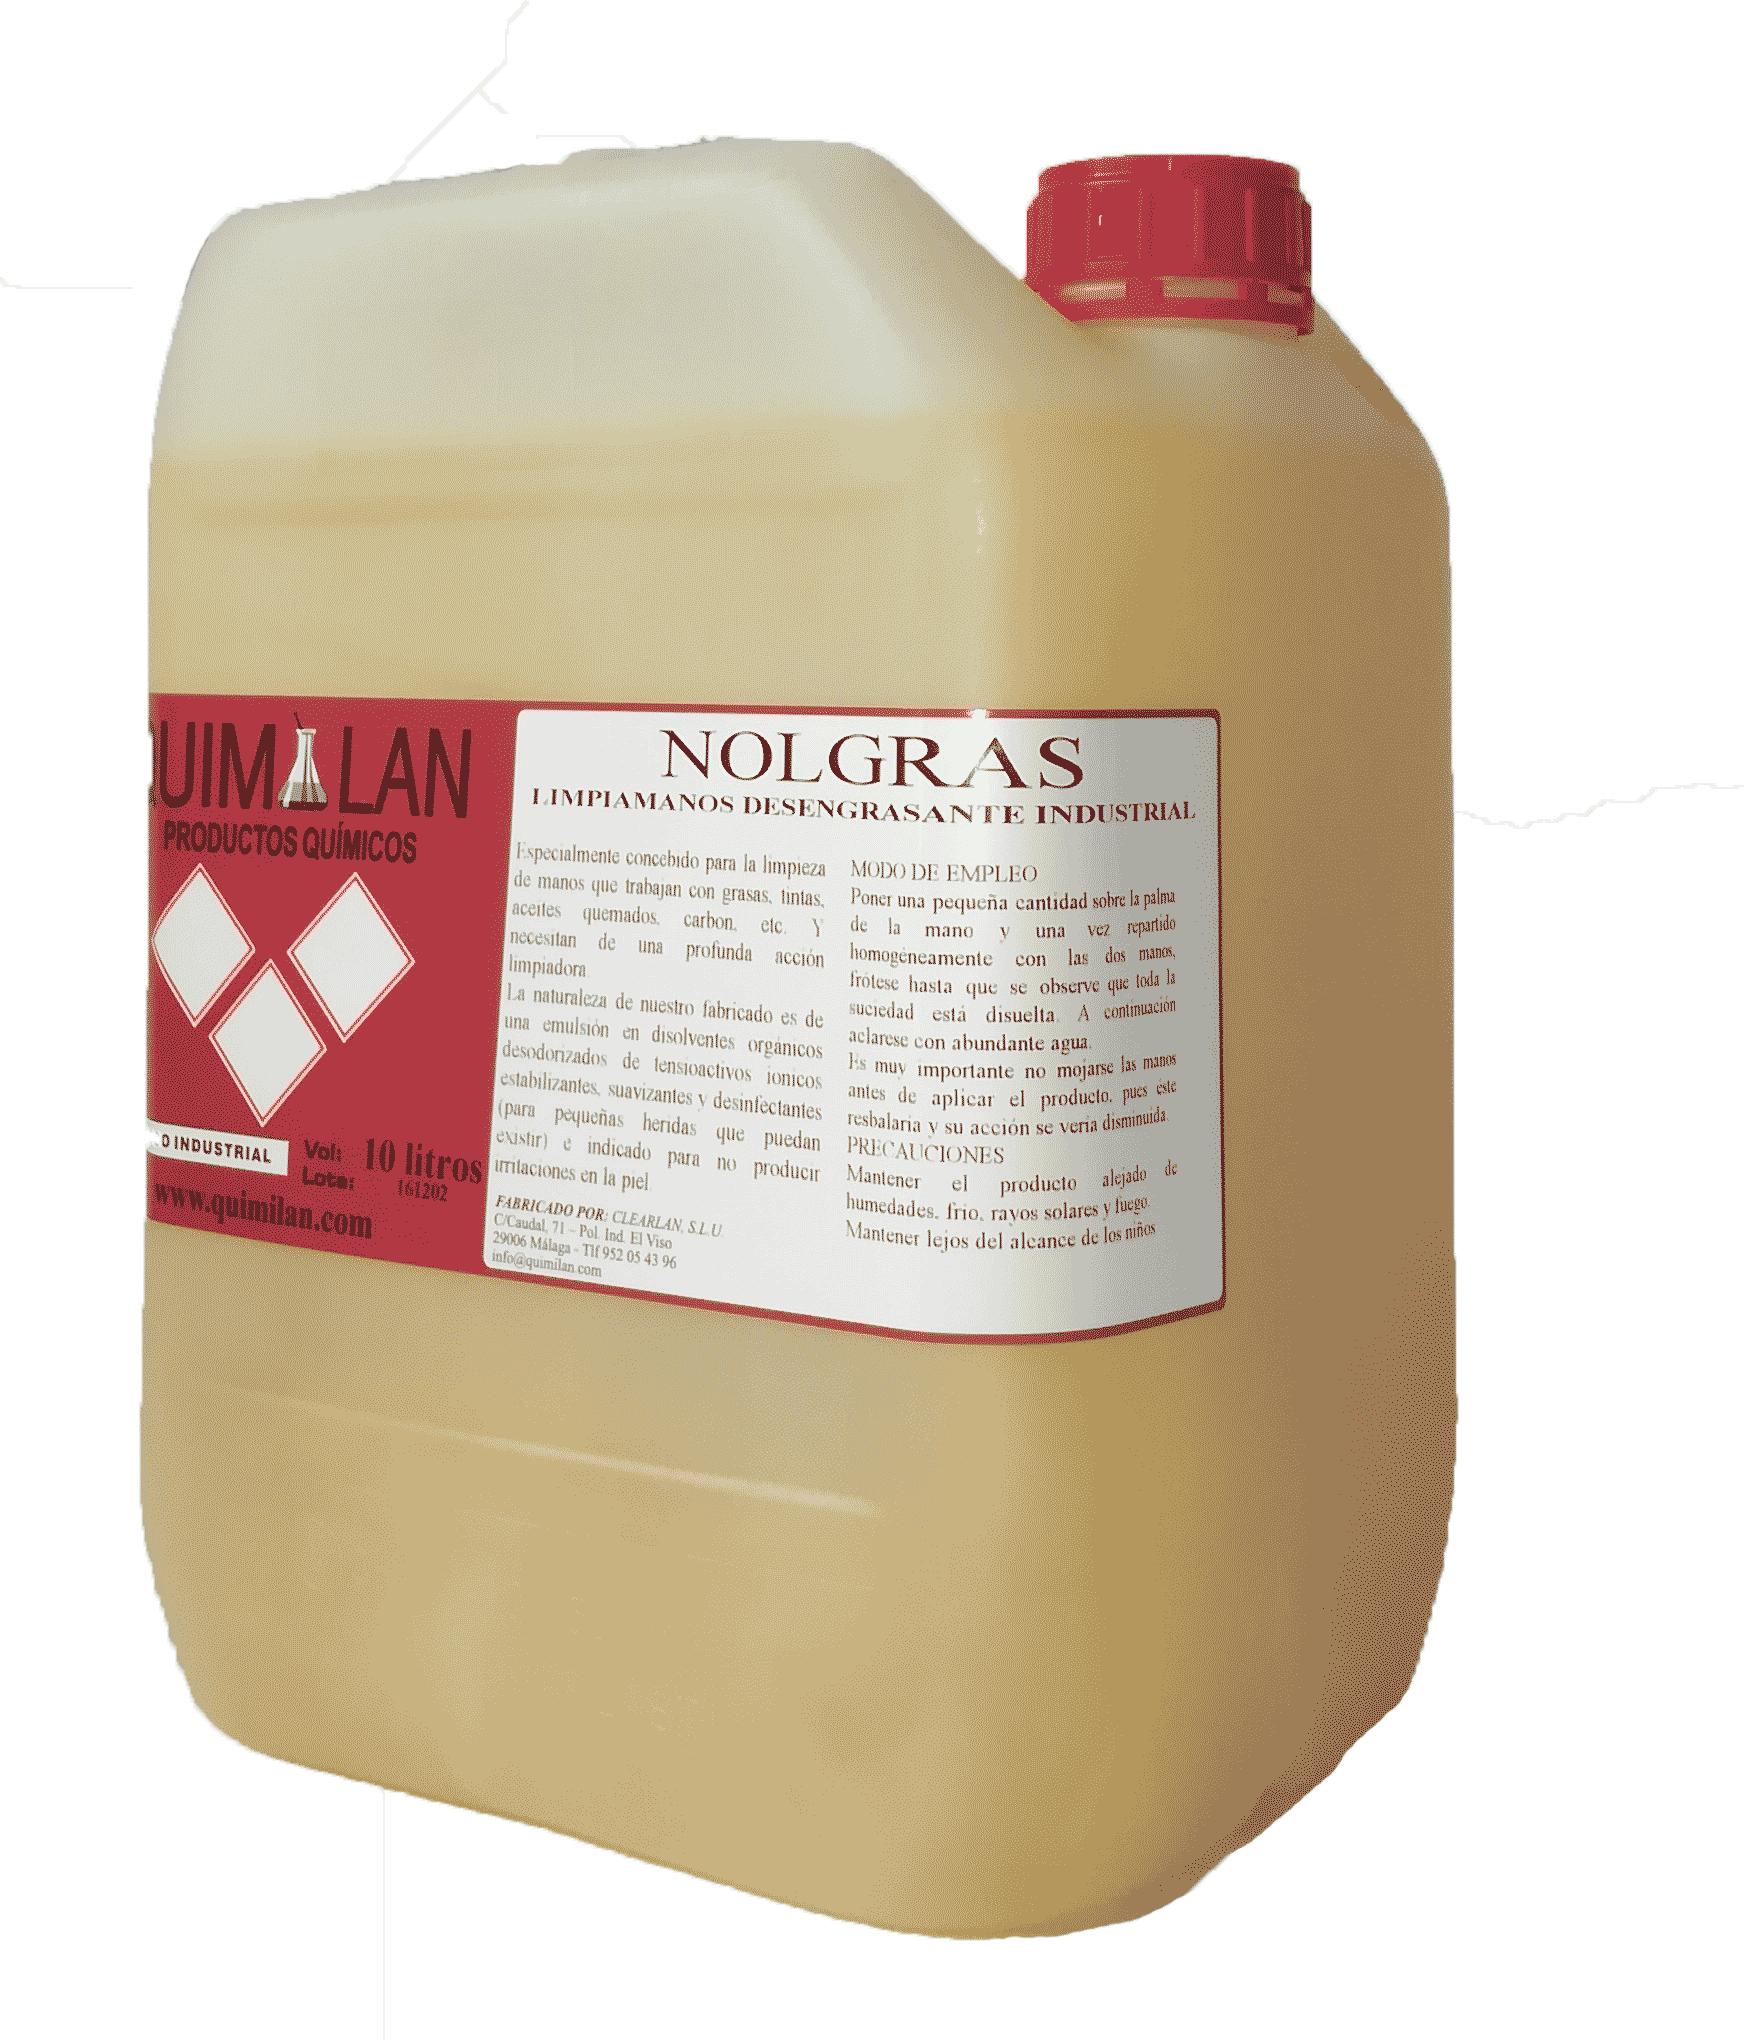 Productos Quimicos Industriales ne Malaga Nolgras Quimilan